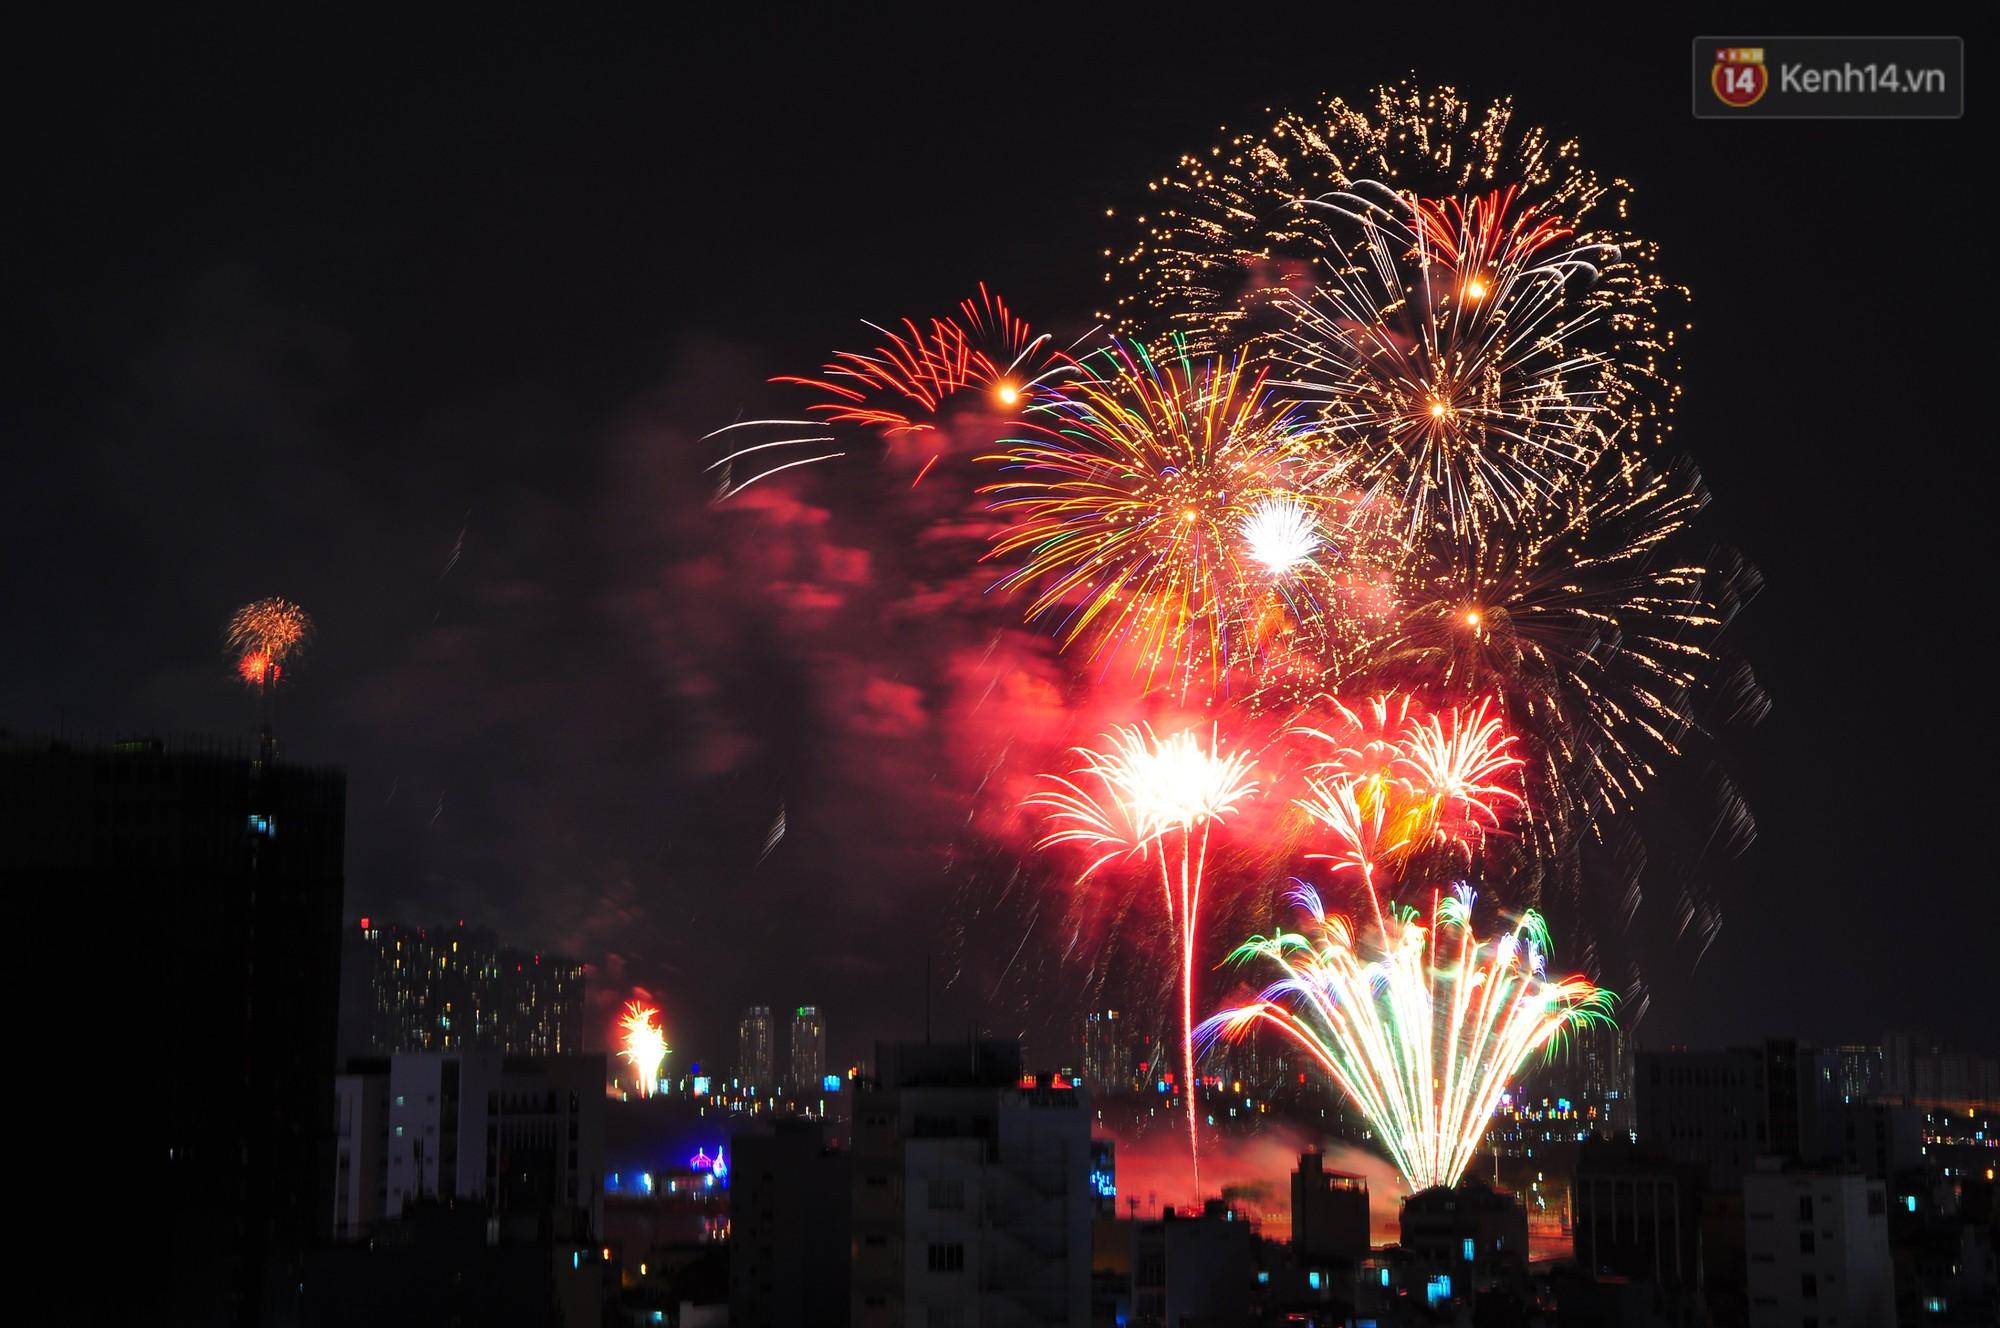 Loạt pháo hoa đẹp rực rỡ trên bầu trời Sài Gòn mừng 44 năm Giải phóng miền Nam thống nhất đất nước - Ảnh 3.